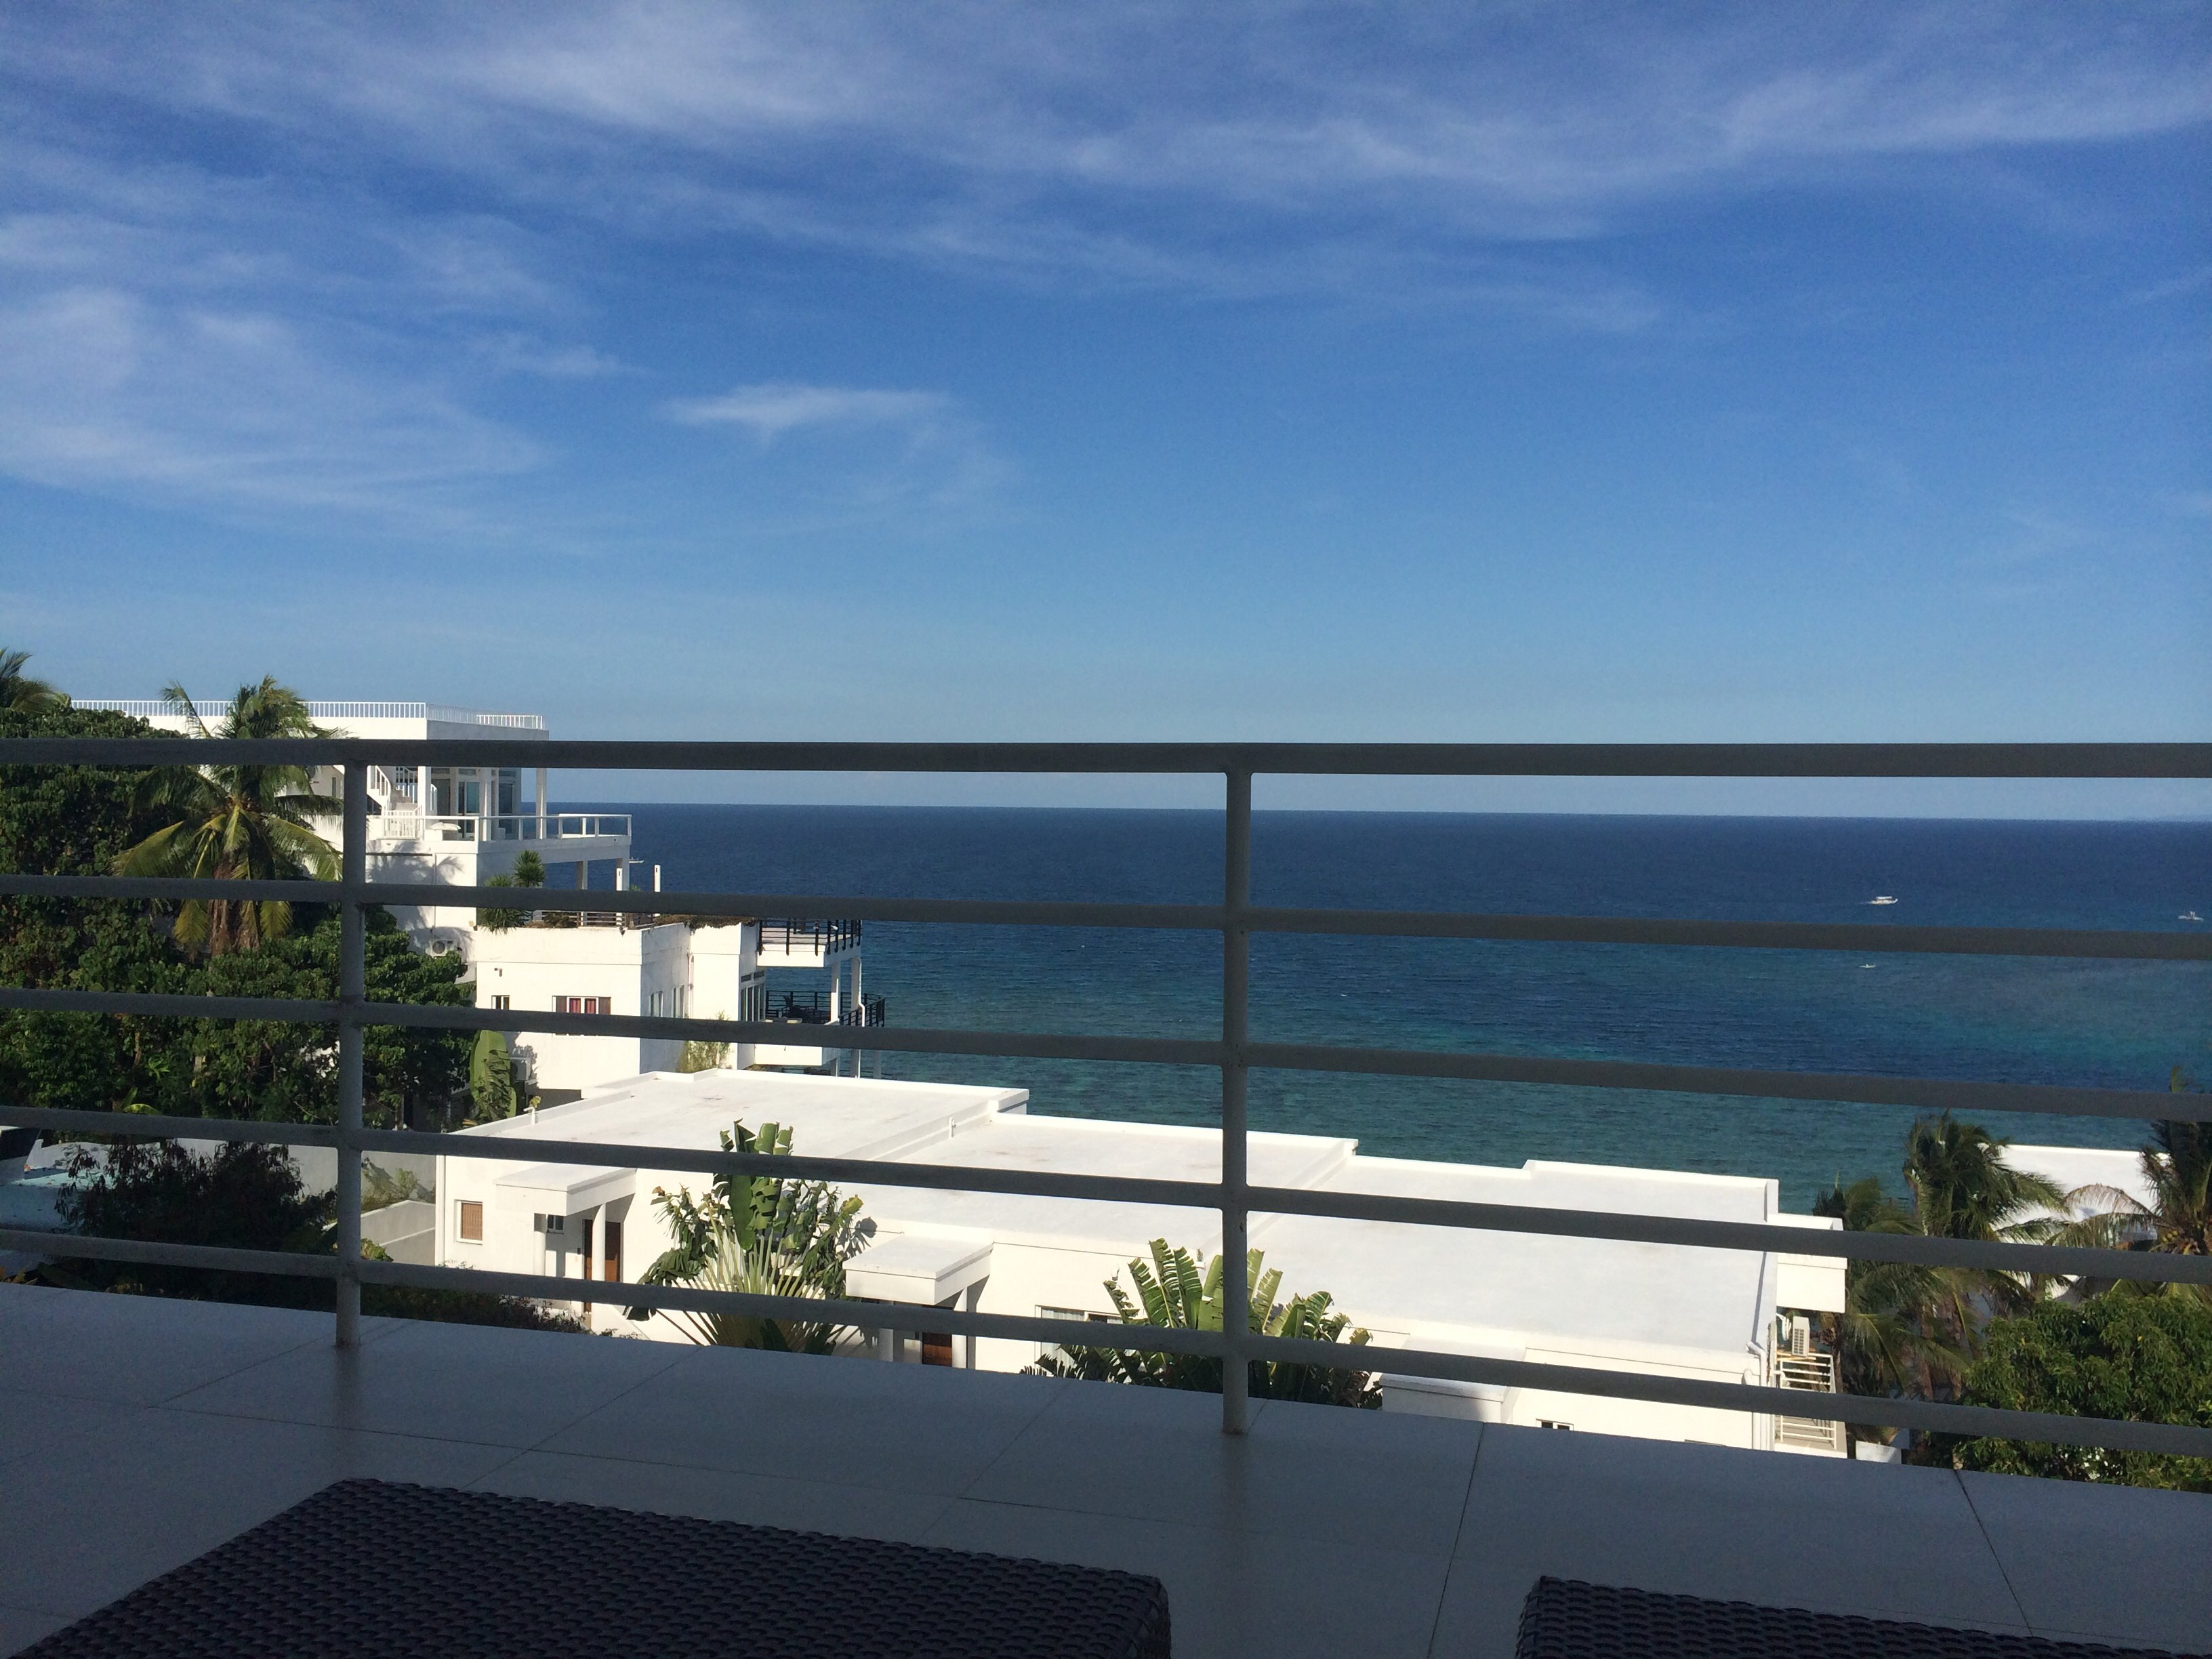 长滩岛别墅别墅酒店式公寓岛甸海富豪雪茄图片